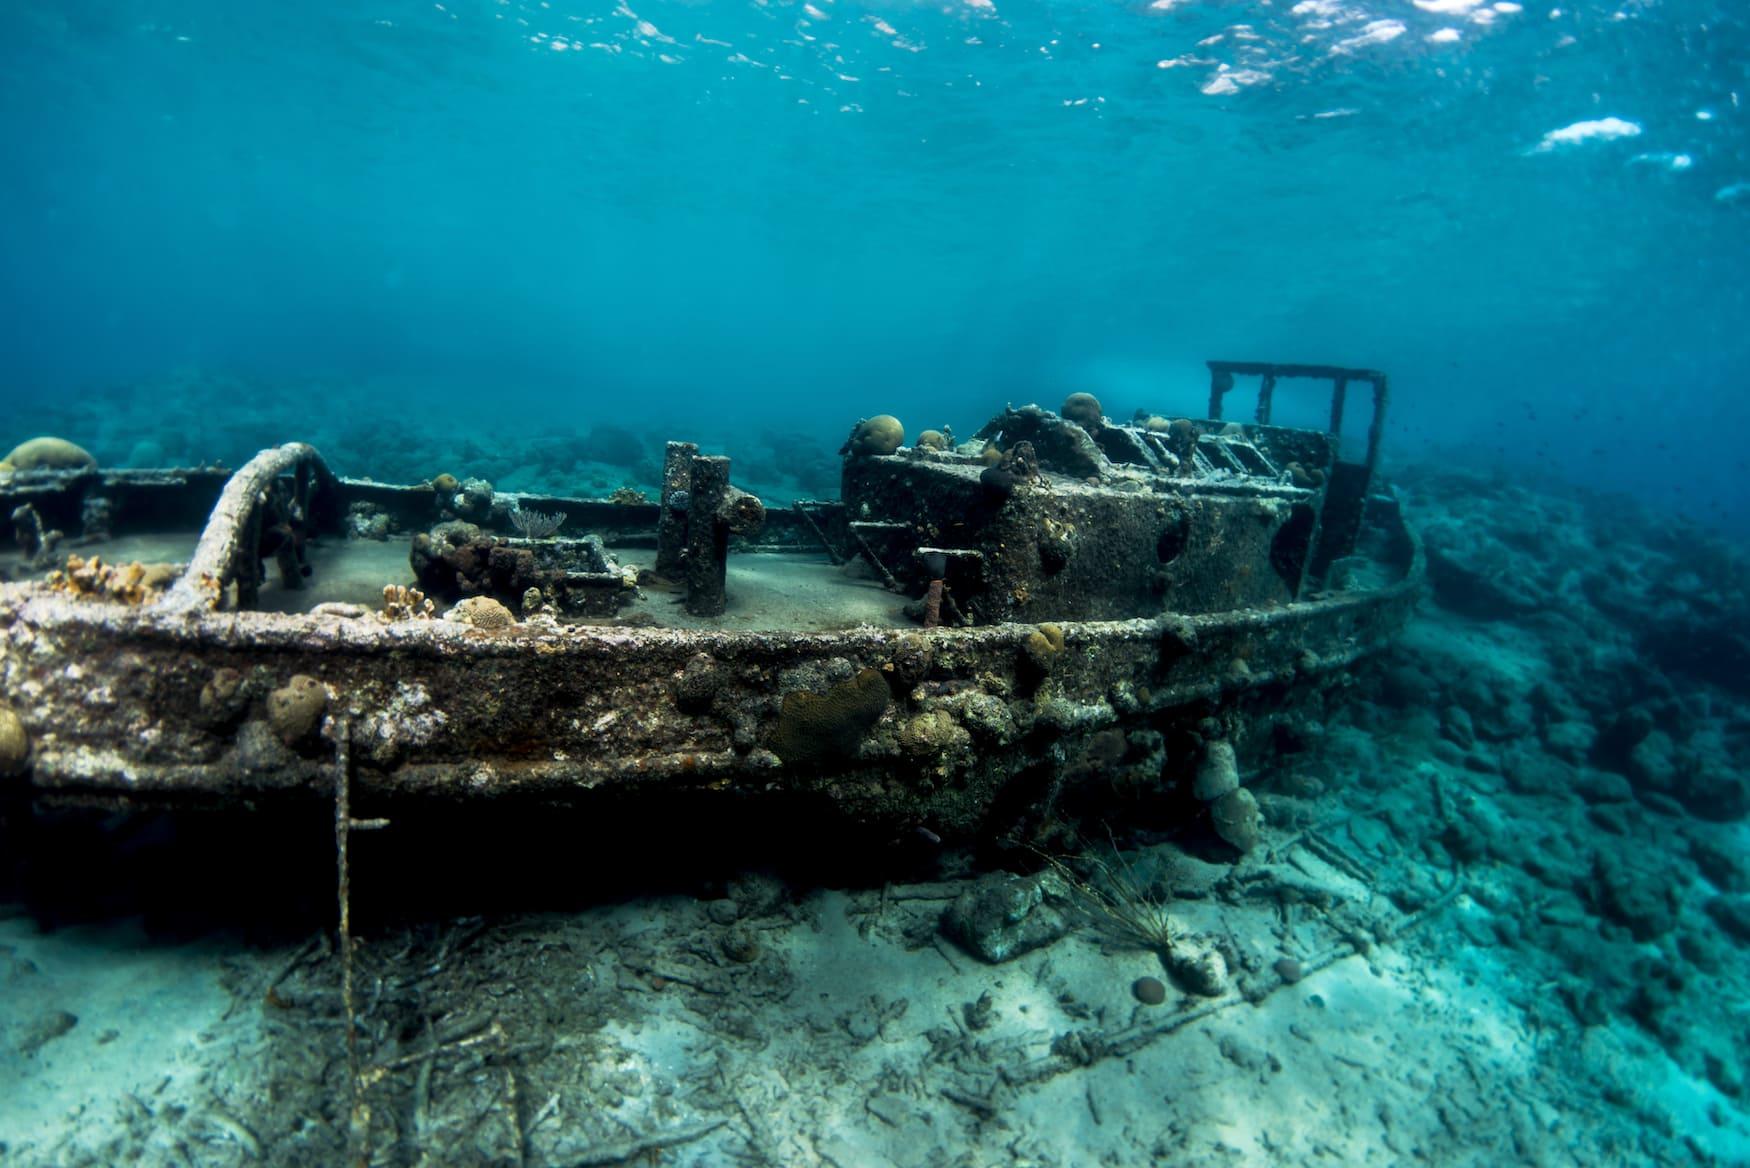 Schiffswrack unter Wasser vor Curacao in der Karibik